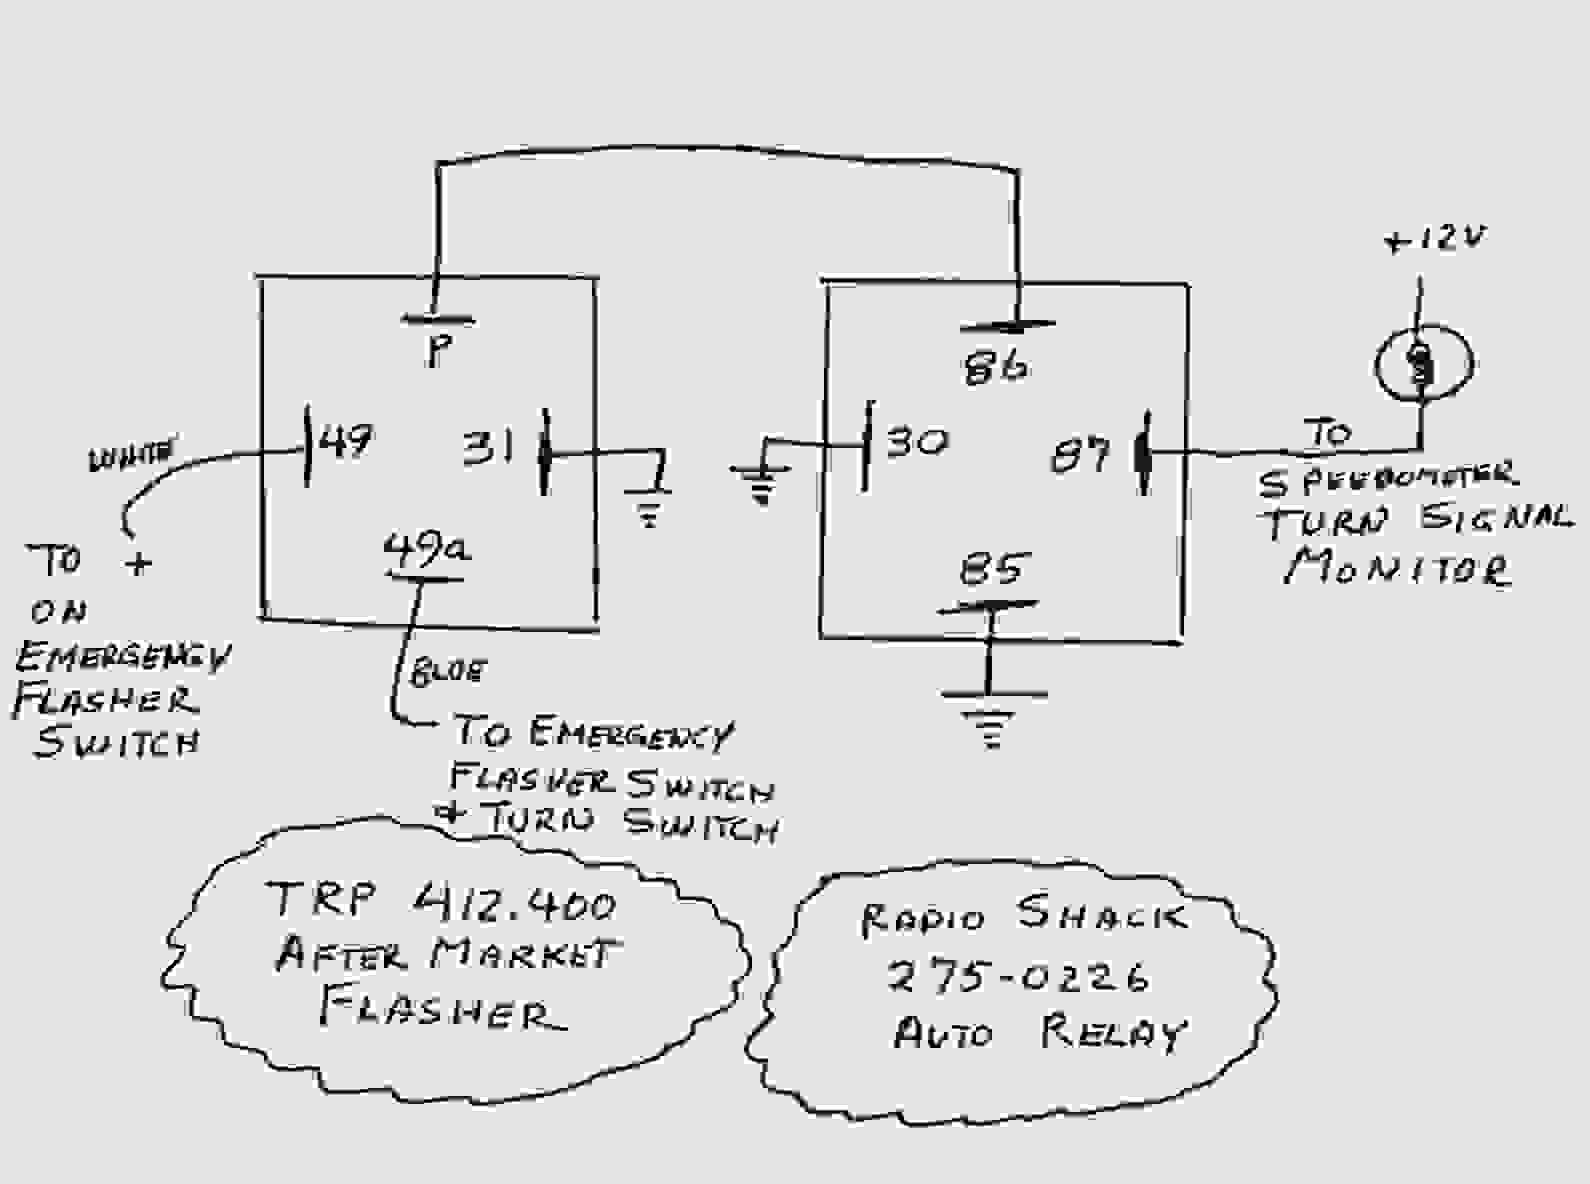 Pxcm034 Wiring Diagram